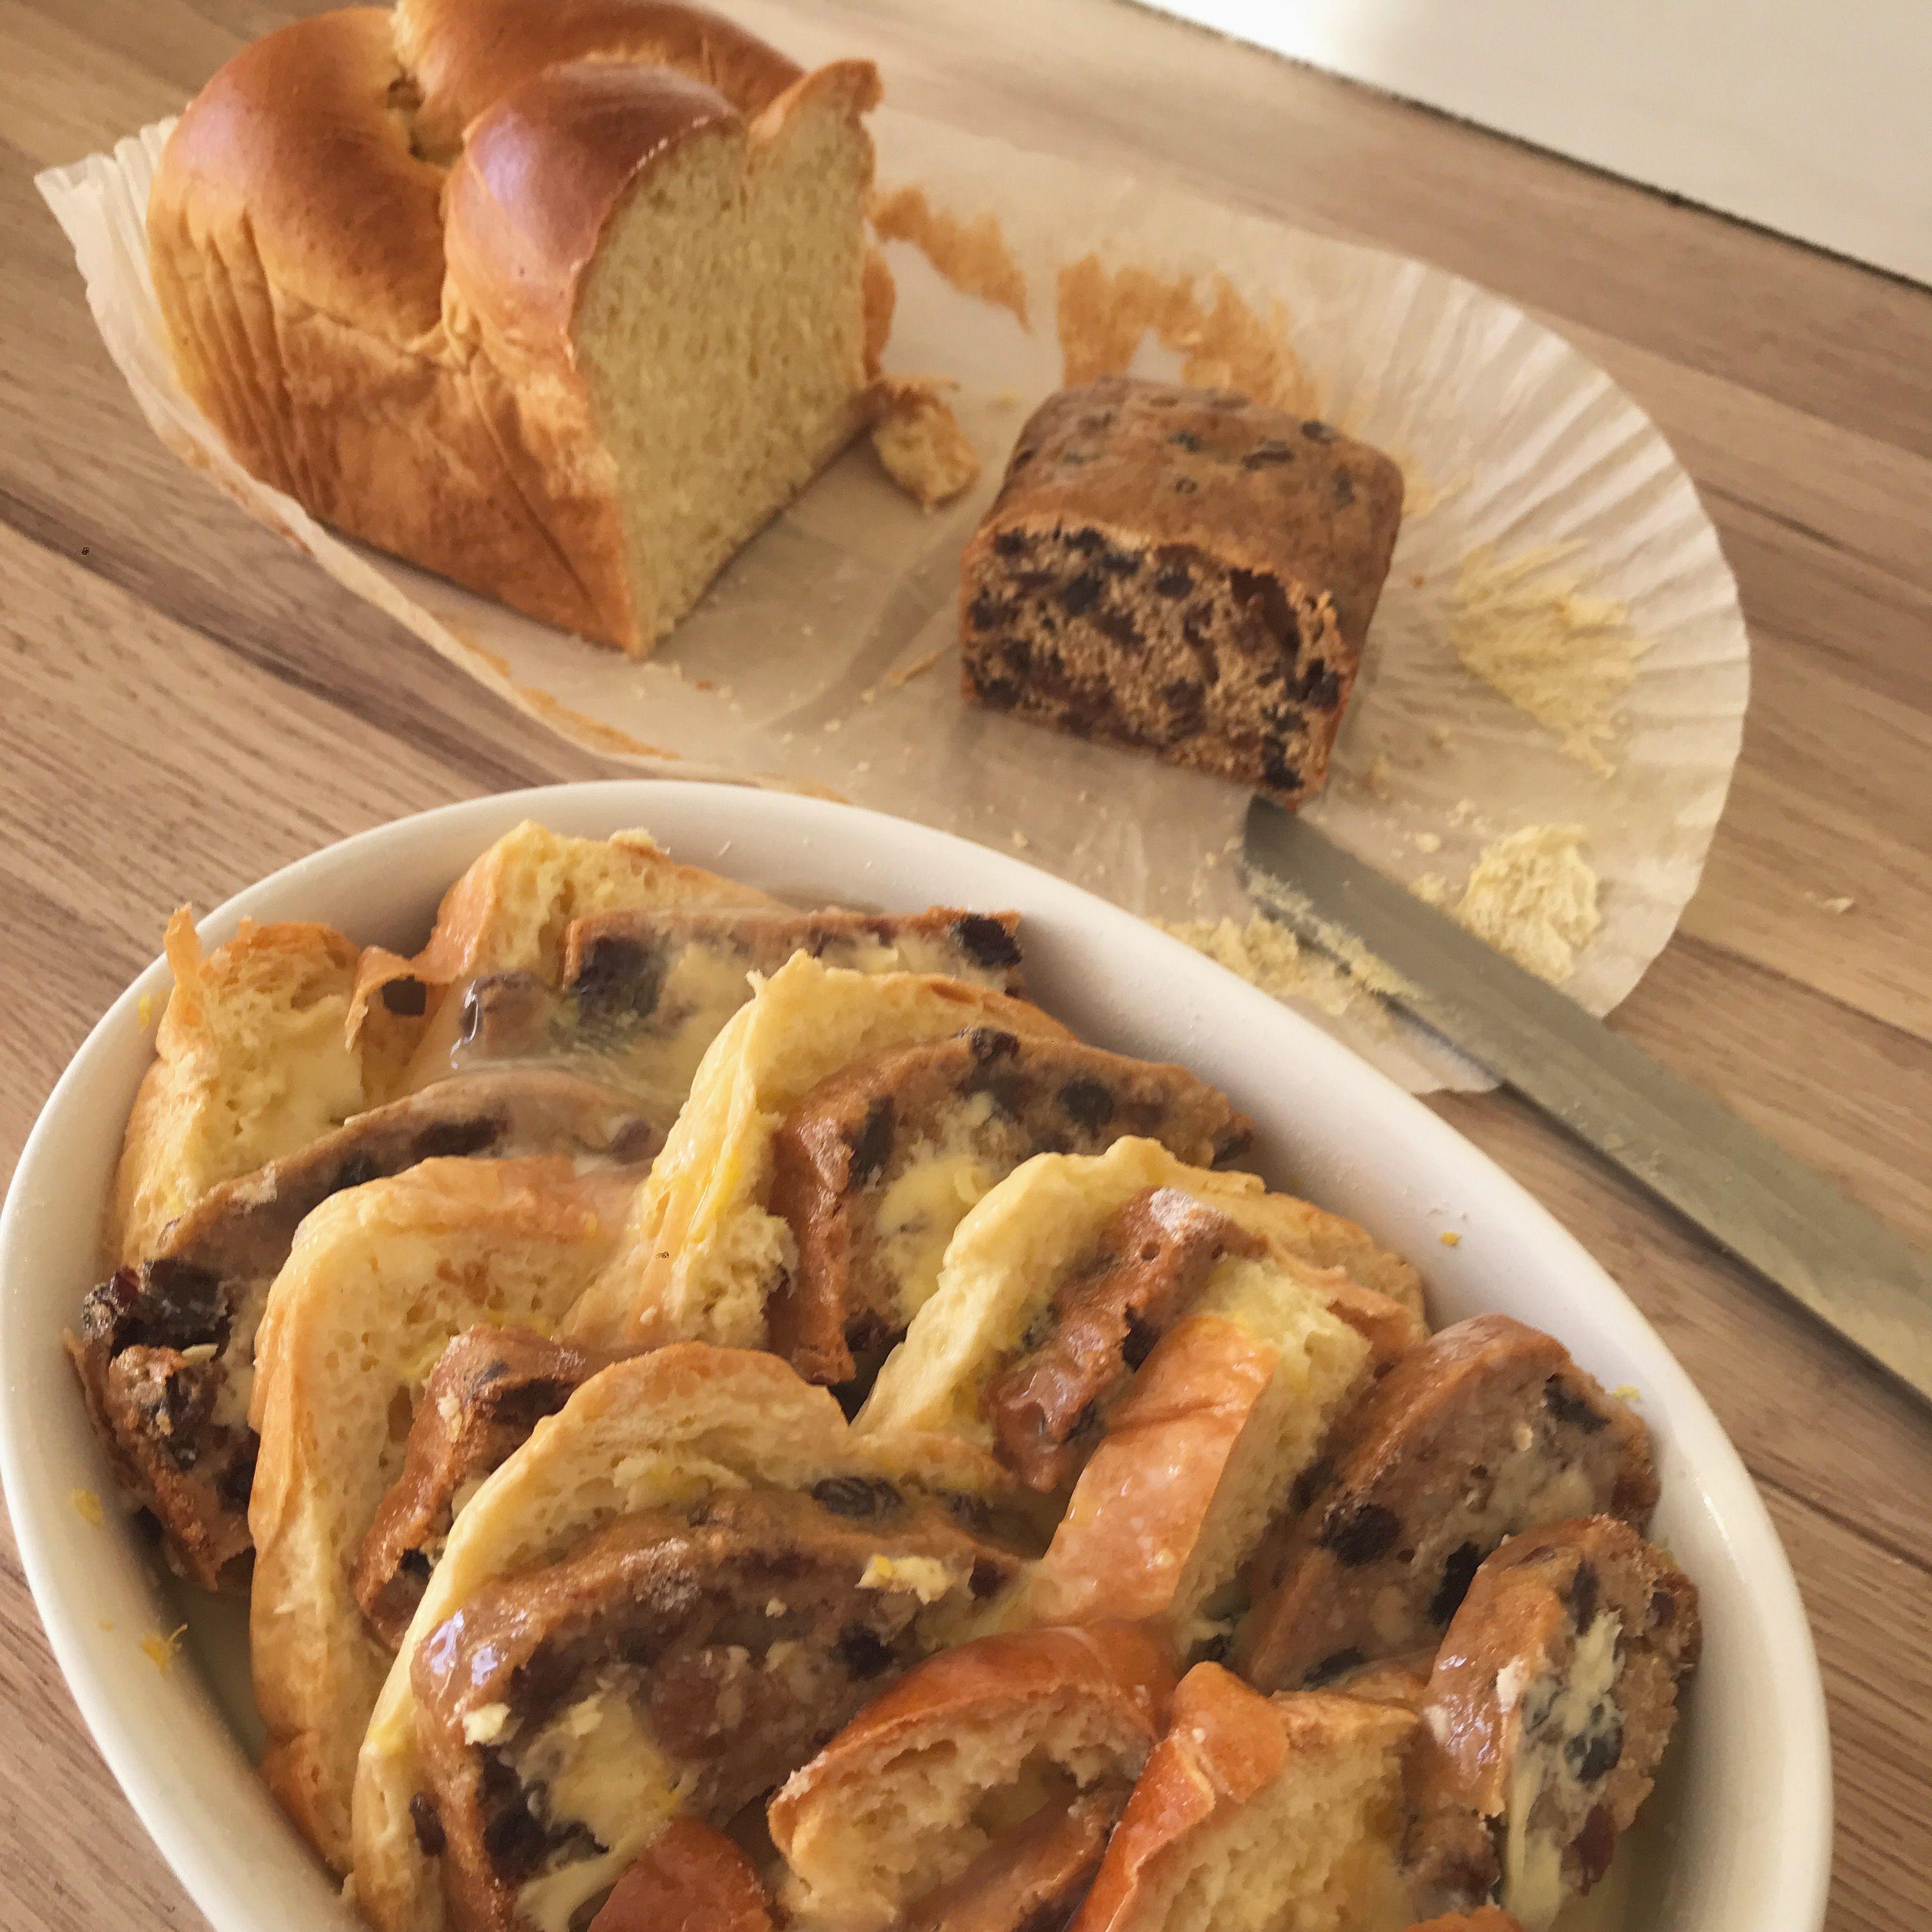 Bara Brith and brioche, bread & butter pudding - this was delicious